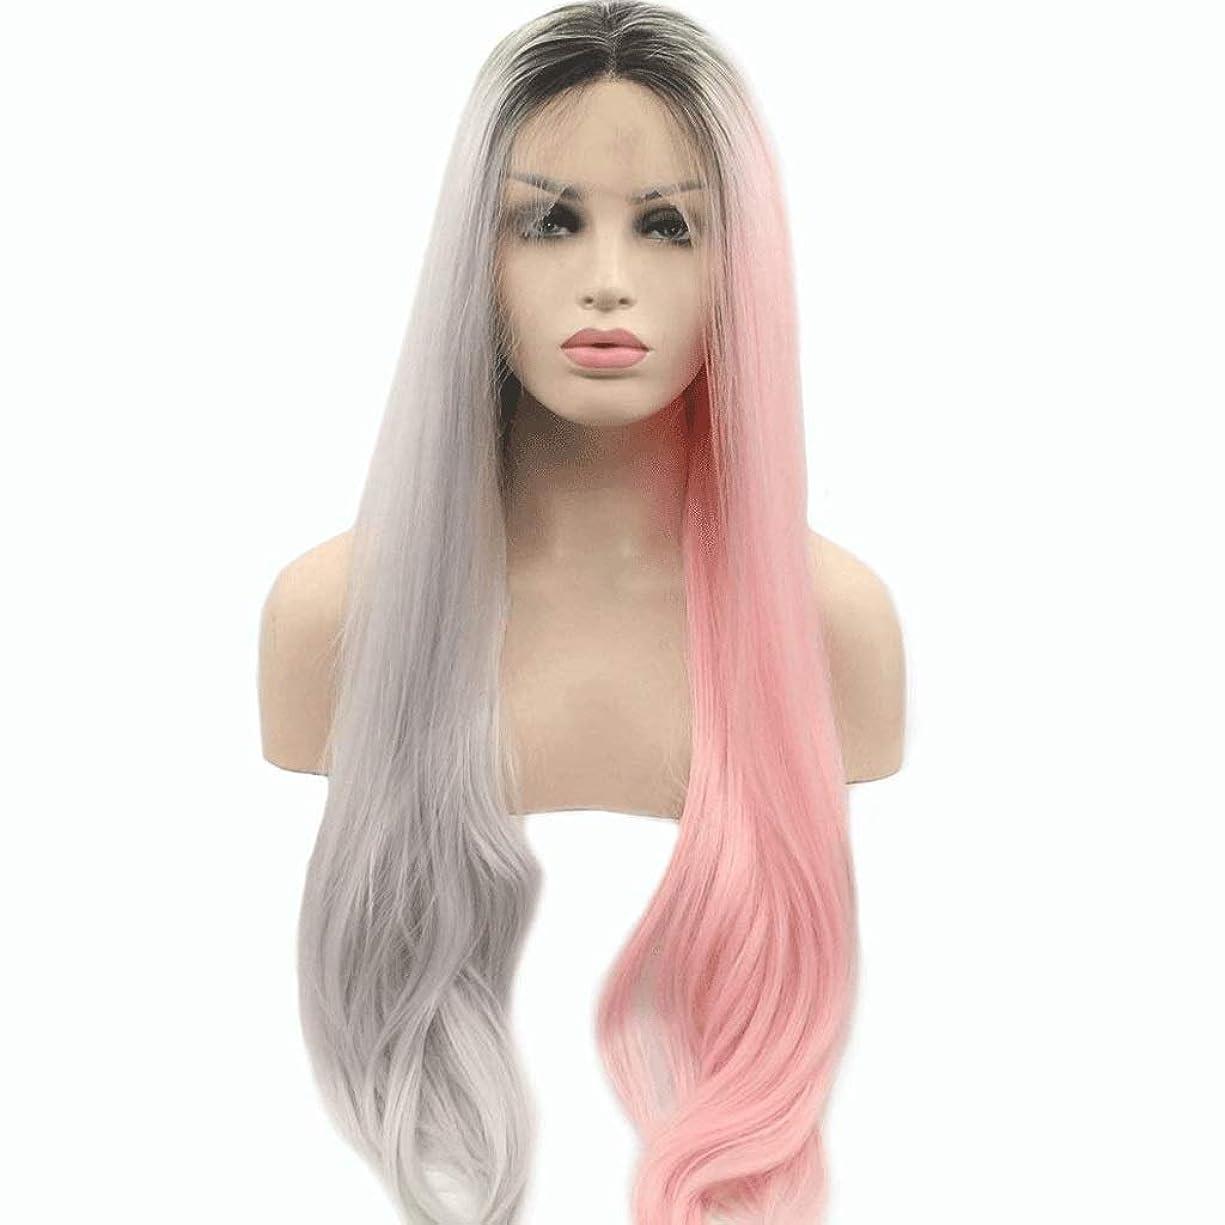 伝統的かき混ぜる確立レースフロントウィッグロングピンクグレーミックス合成かつら中央別れ自然な波状のかつら女性用耐熱24インチ (Color : Gray Pink)